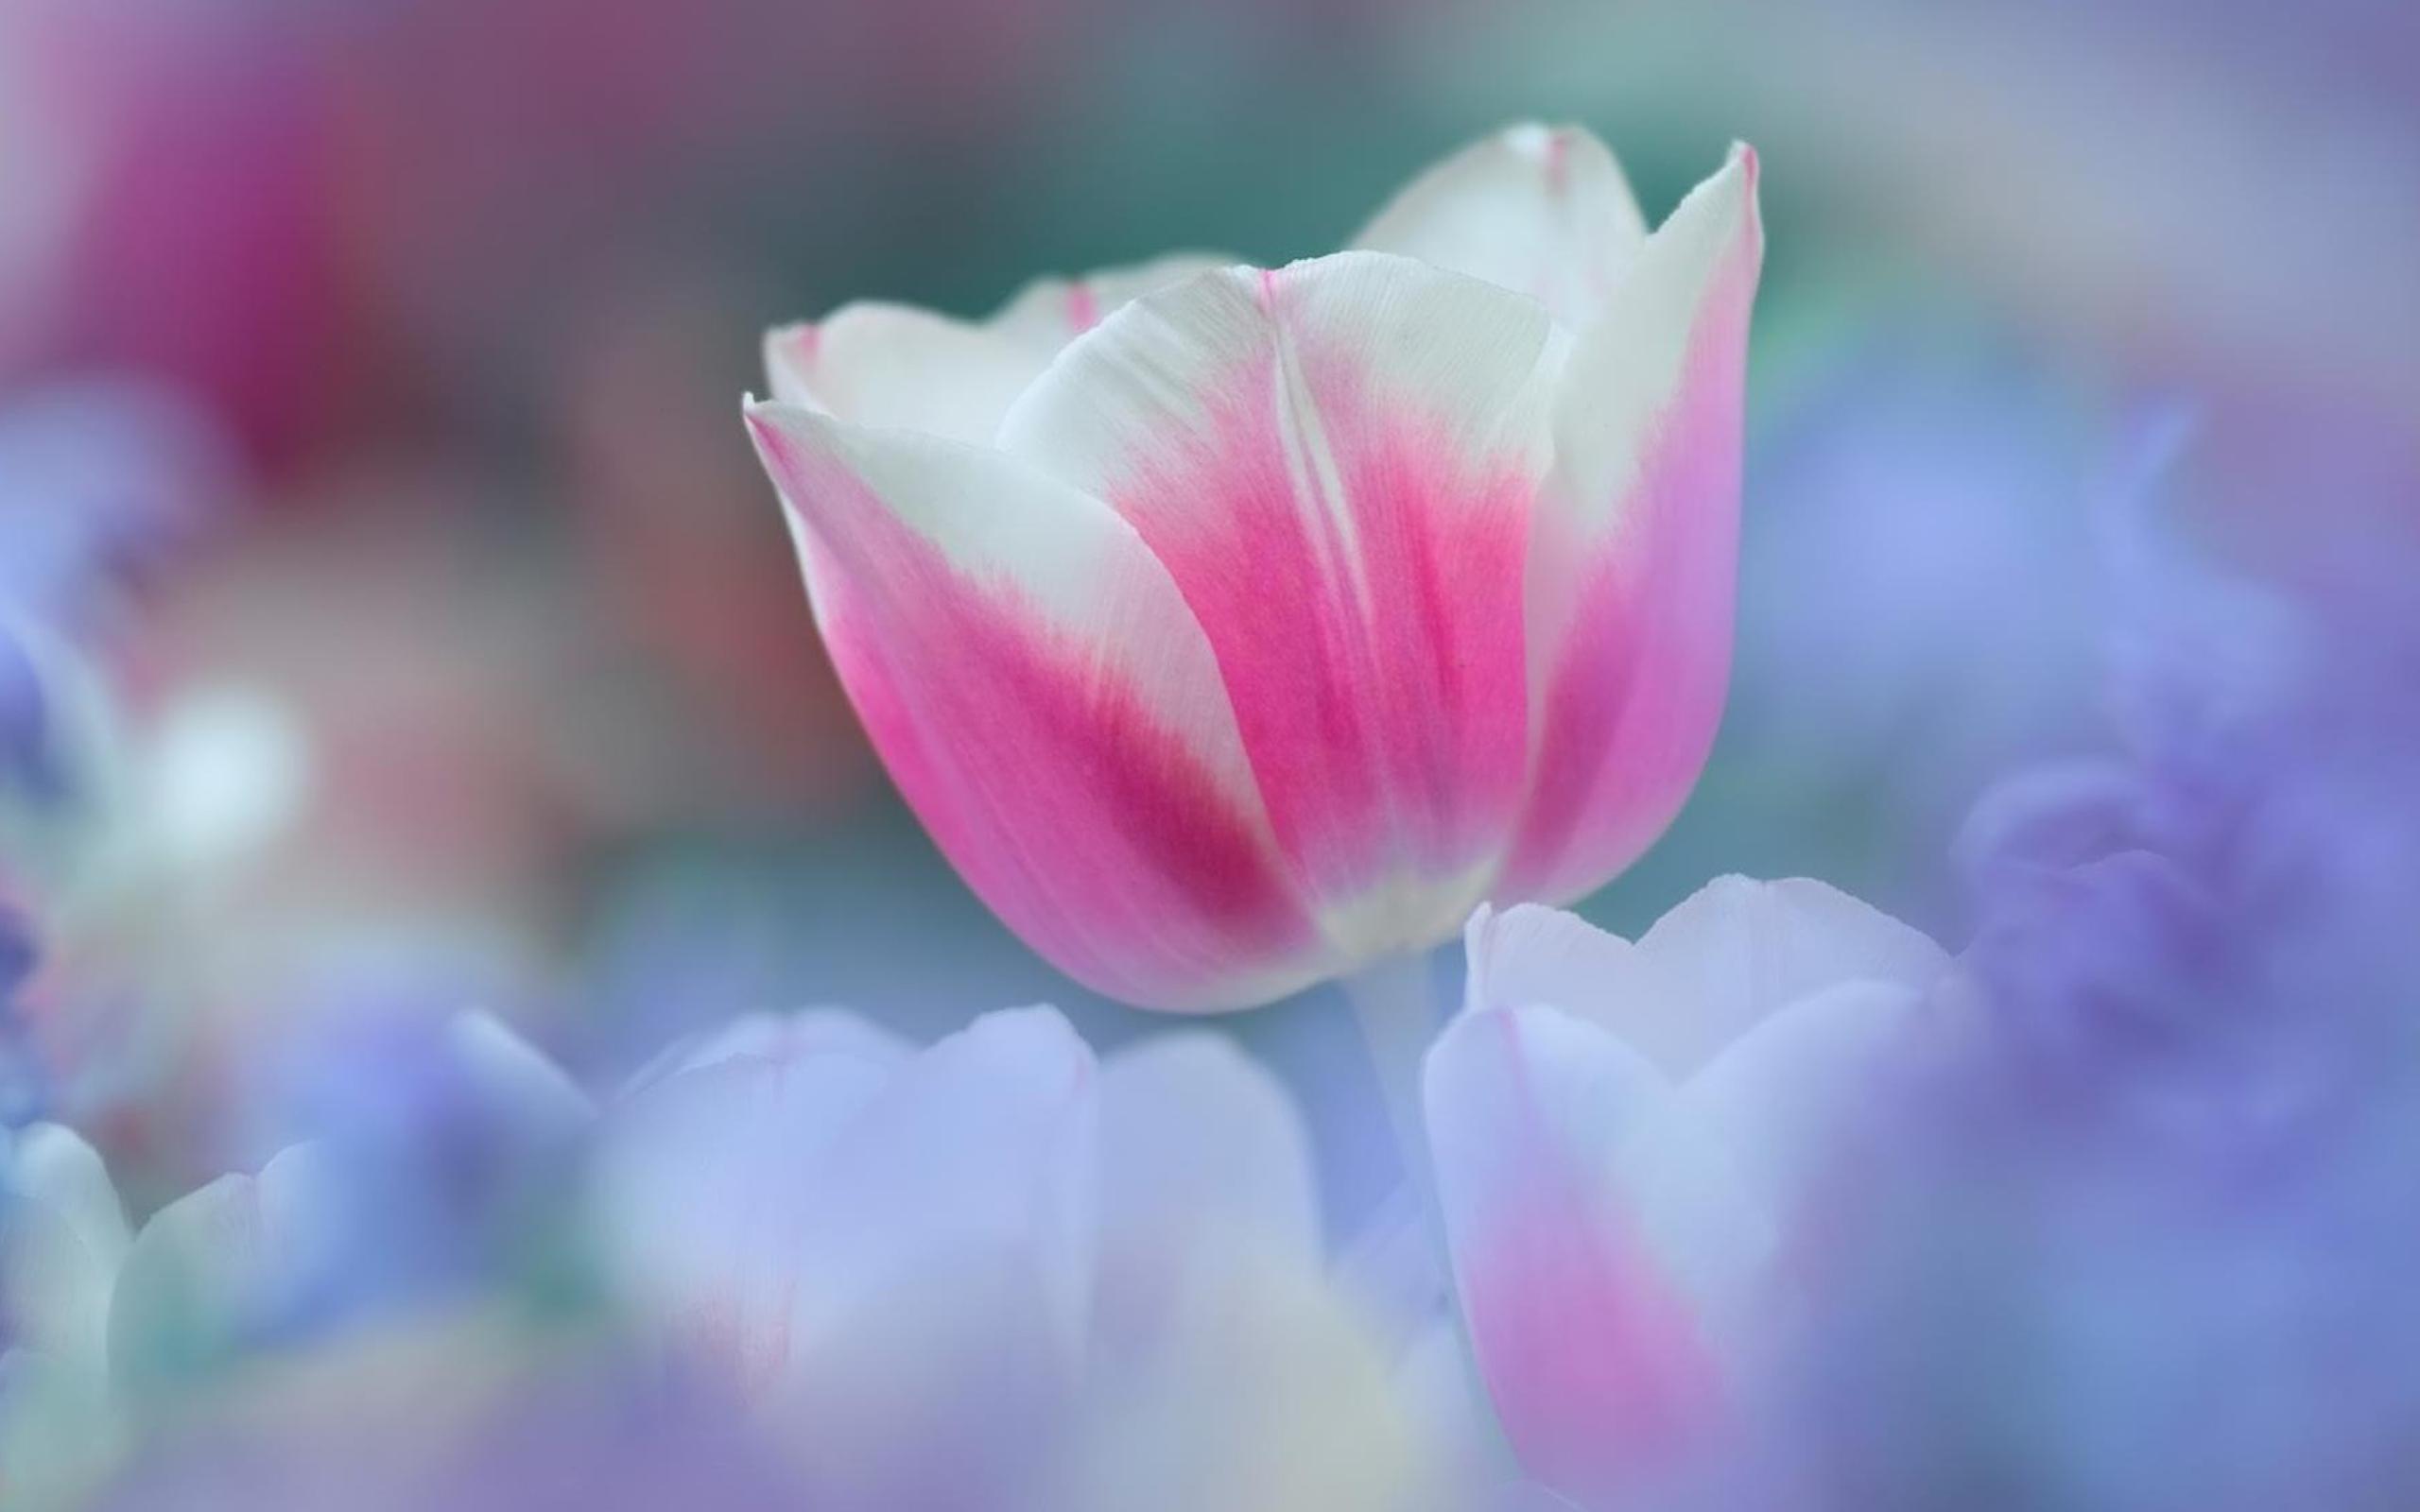 нежно-розовые цветы бесплатно